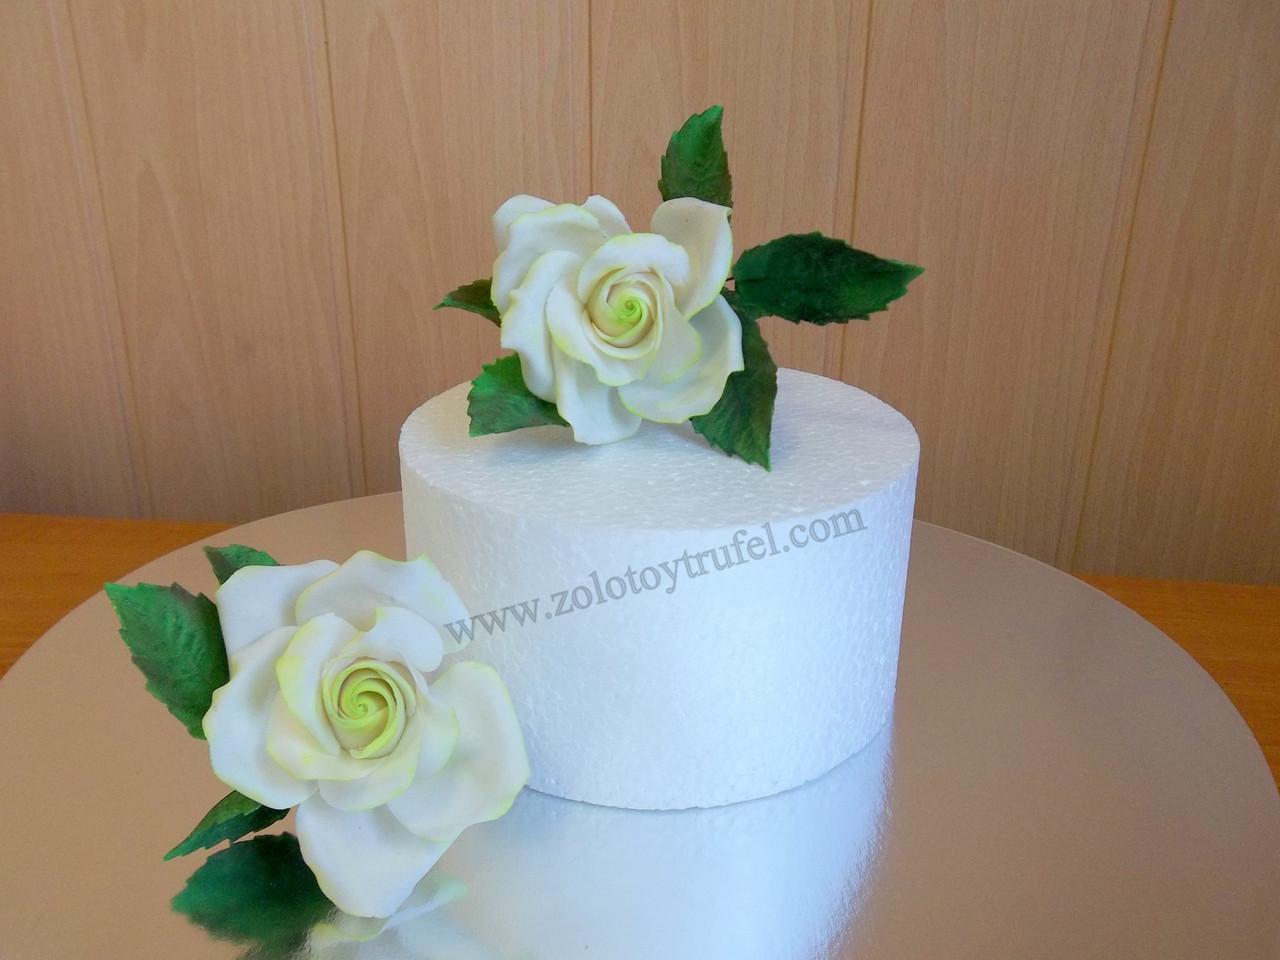 Муляж для торта из пенопласта - круг Ф 30 см h 10 см